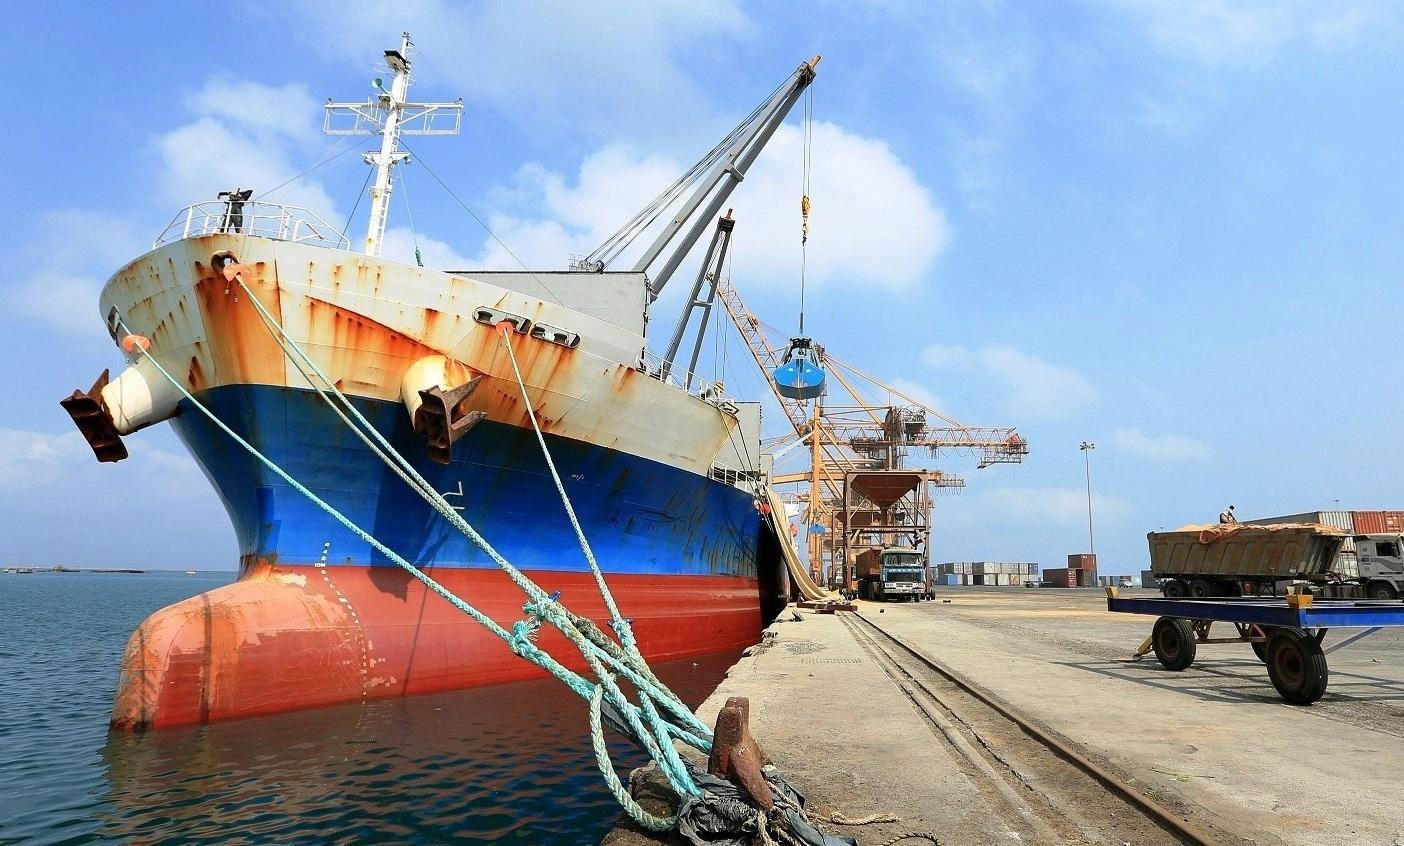 التحالف يصدر تصاريح دخول لسفينتين إلى ميناء الحديدة